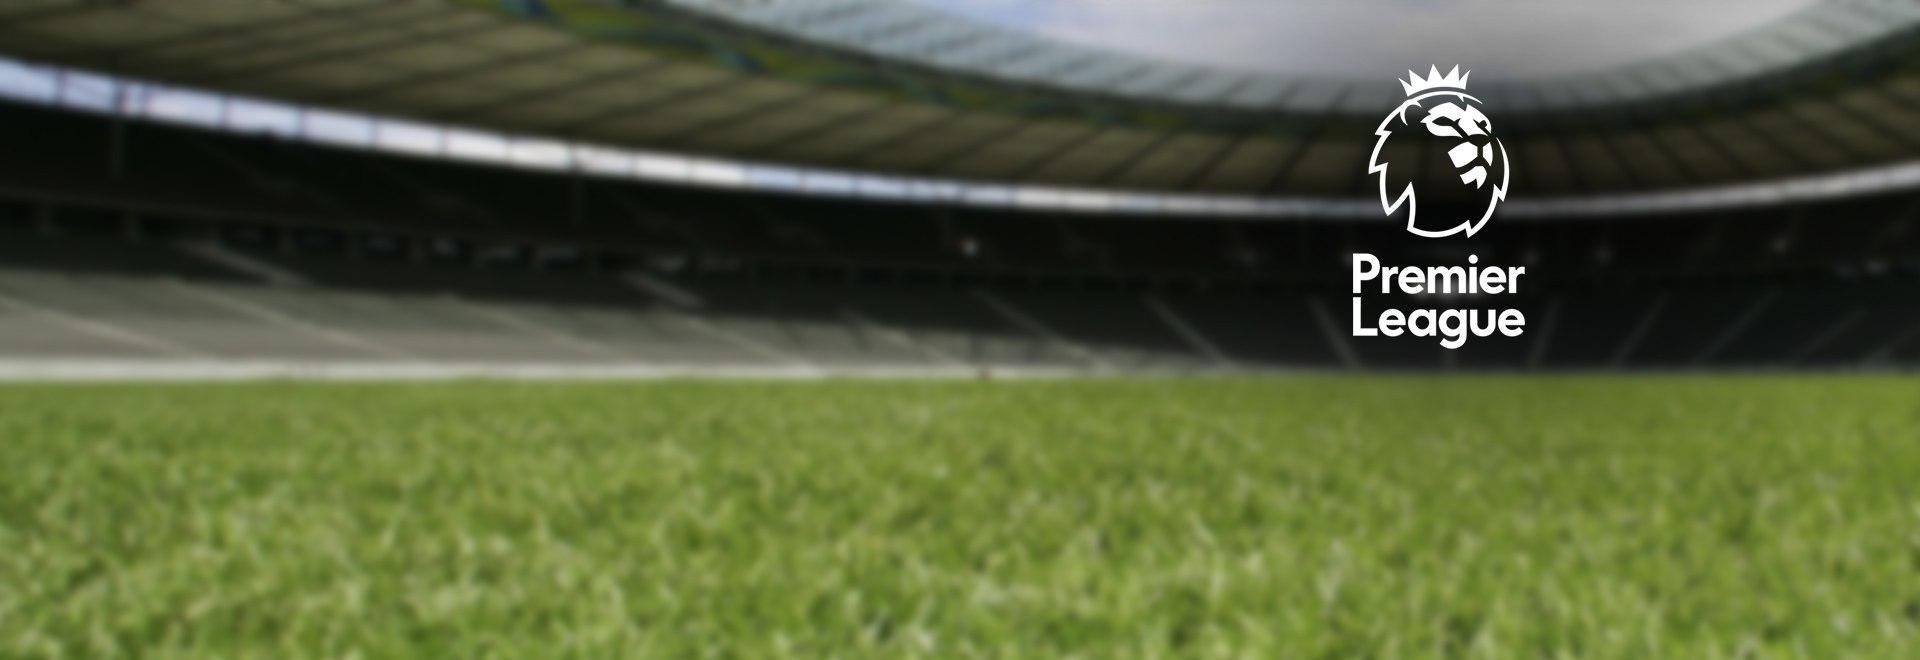 Leicester - Everton. 13a g.